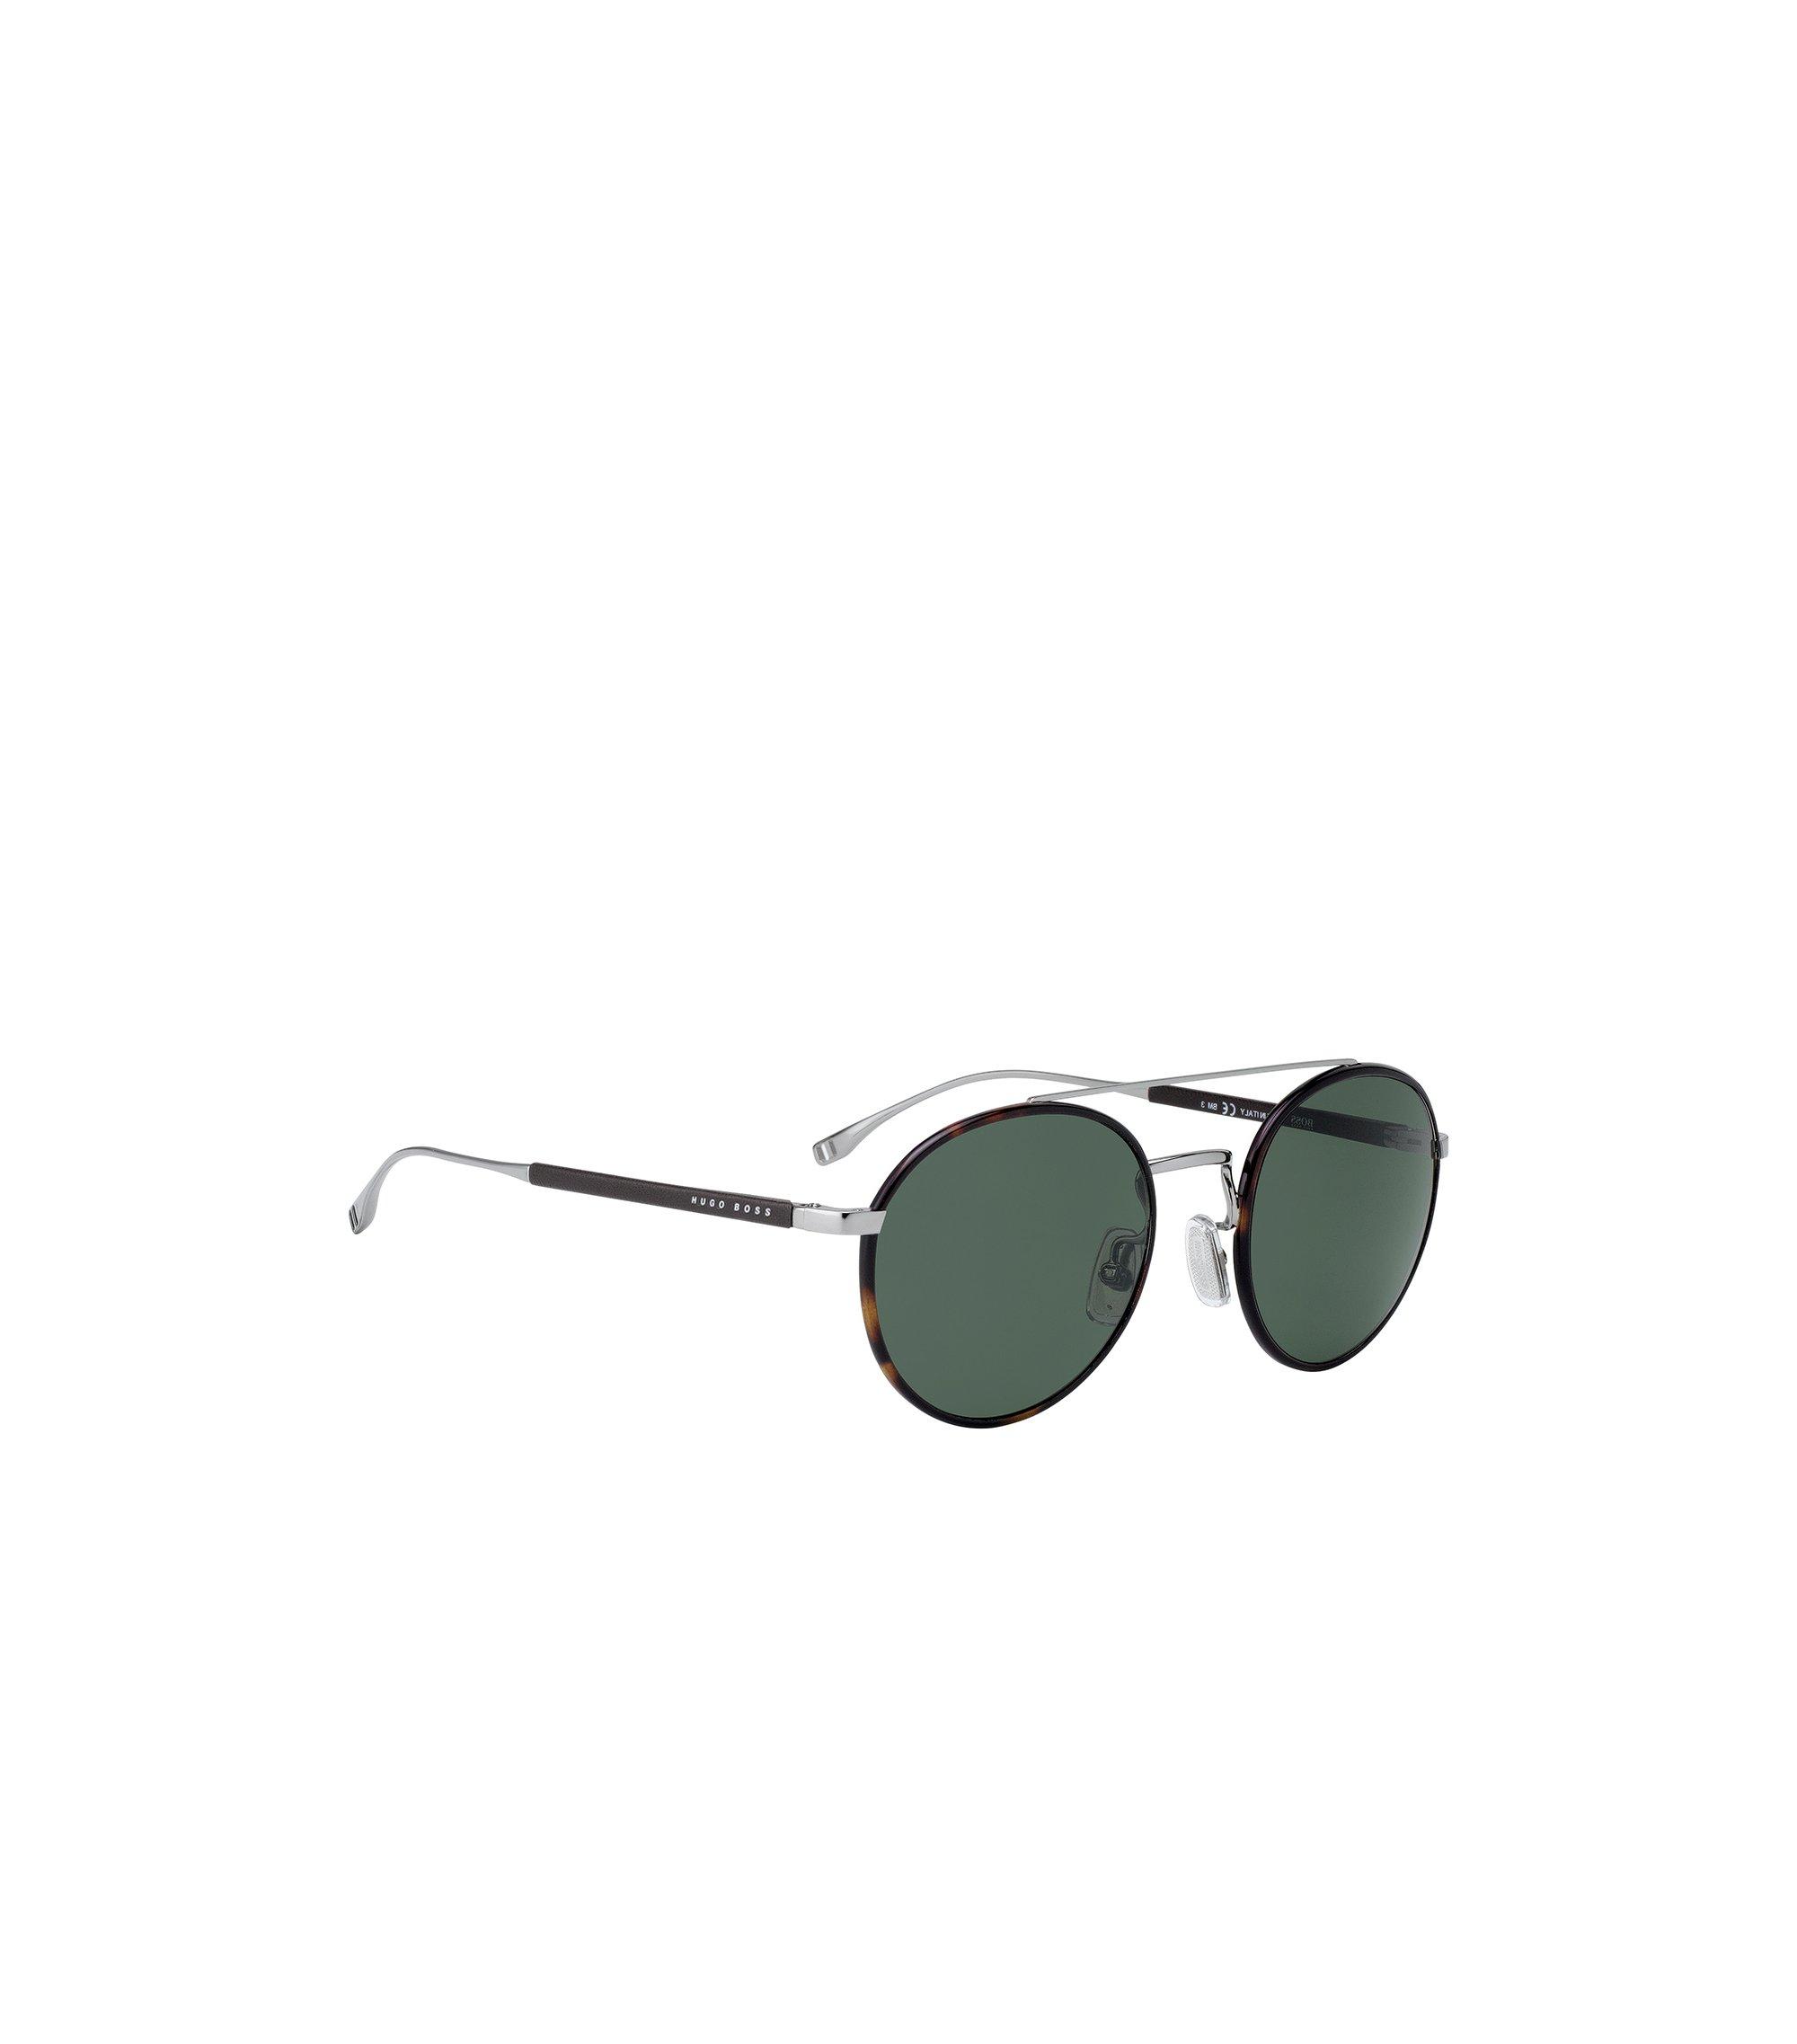 Gafas de sol de estilo Pantos con puente doble y aplique de piel, Marrón